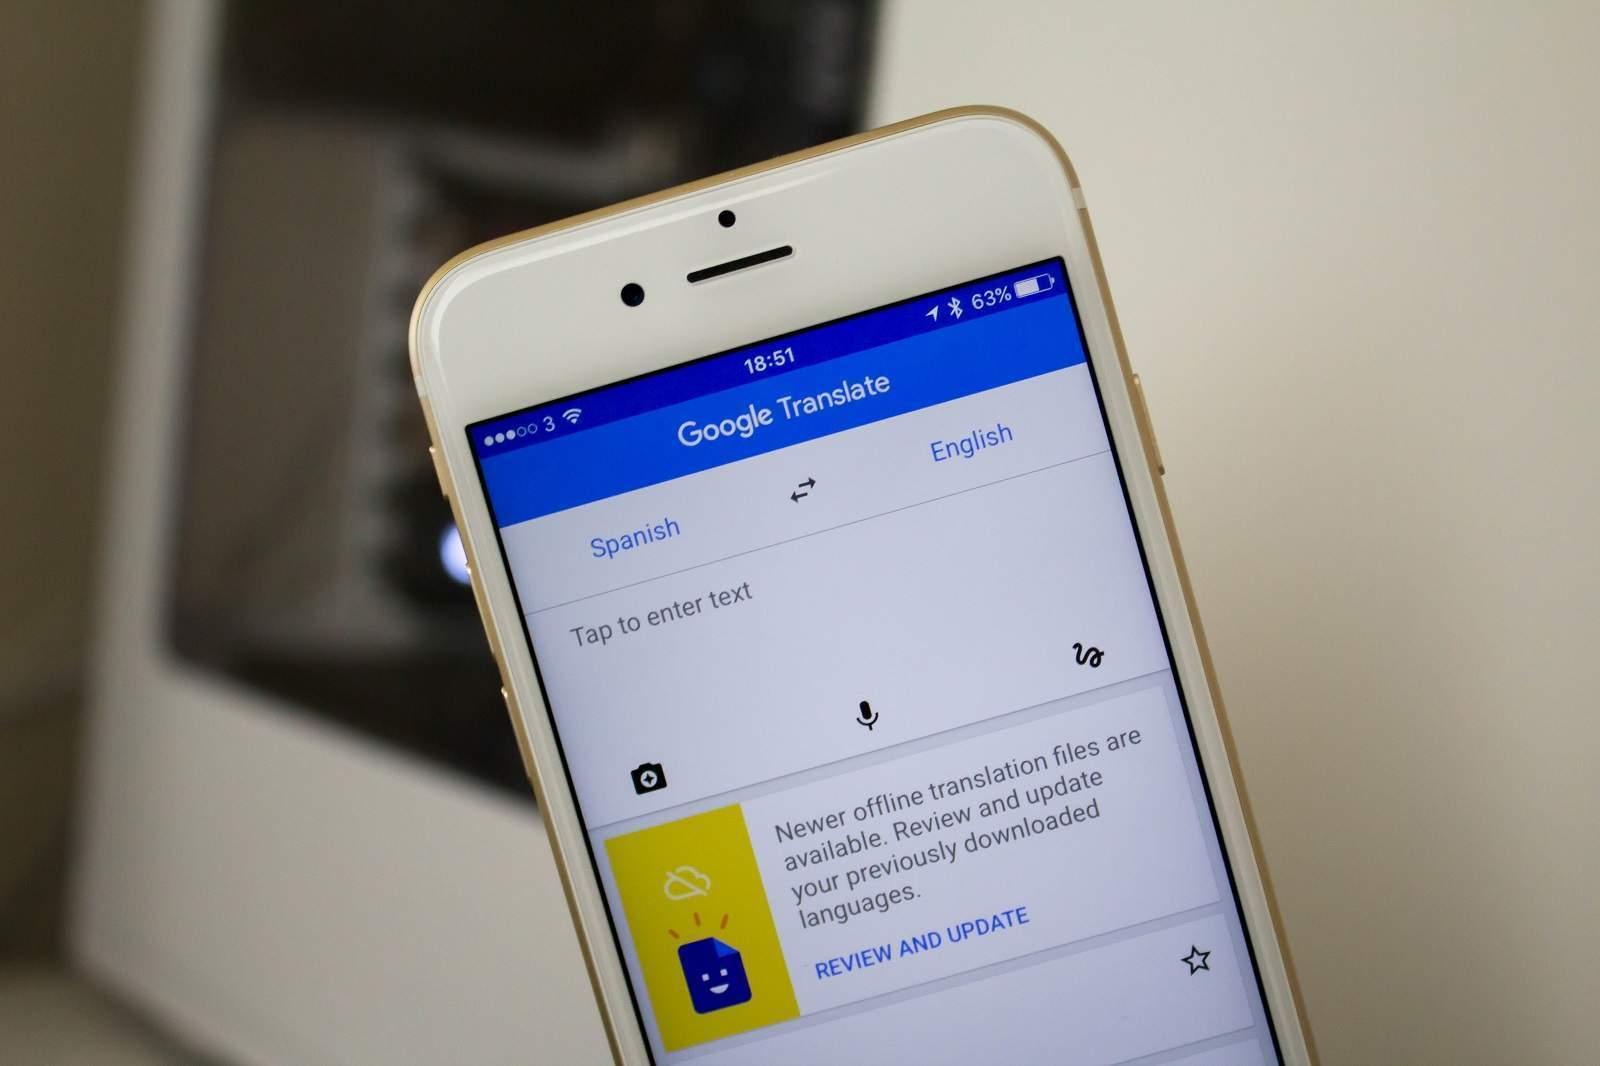 хочу приложения для айфона фото переводчик как будет клевать